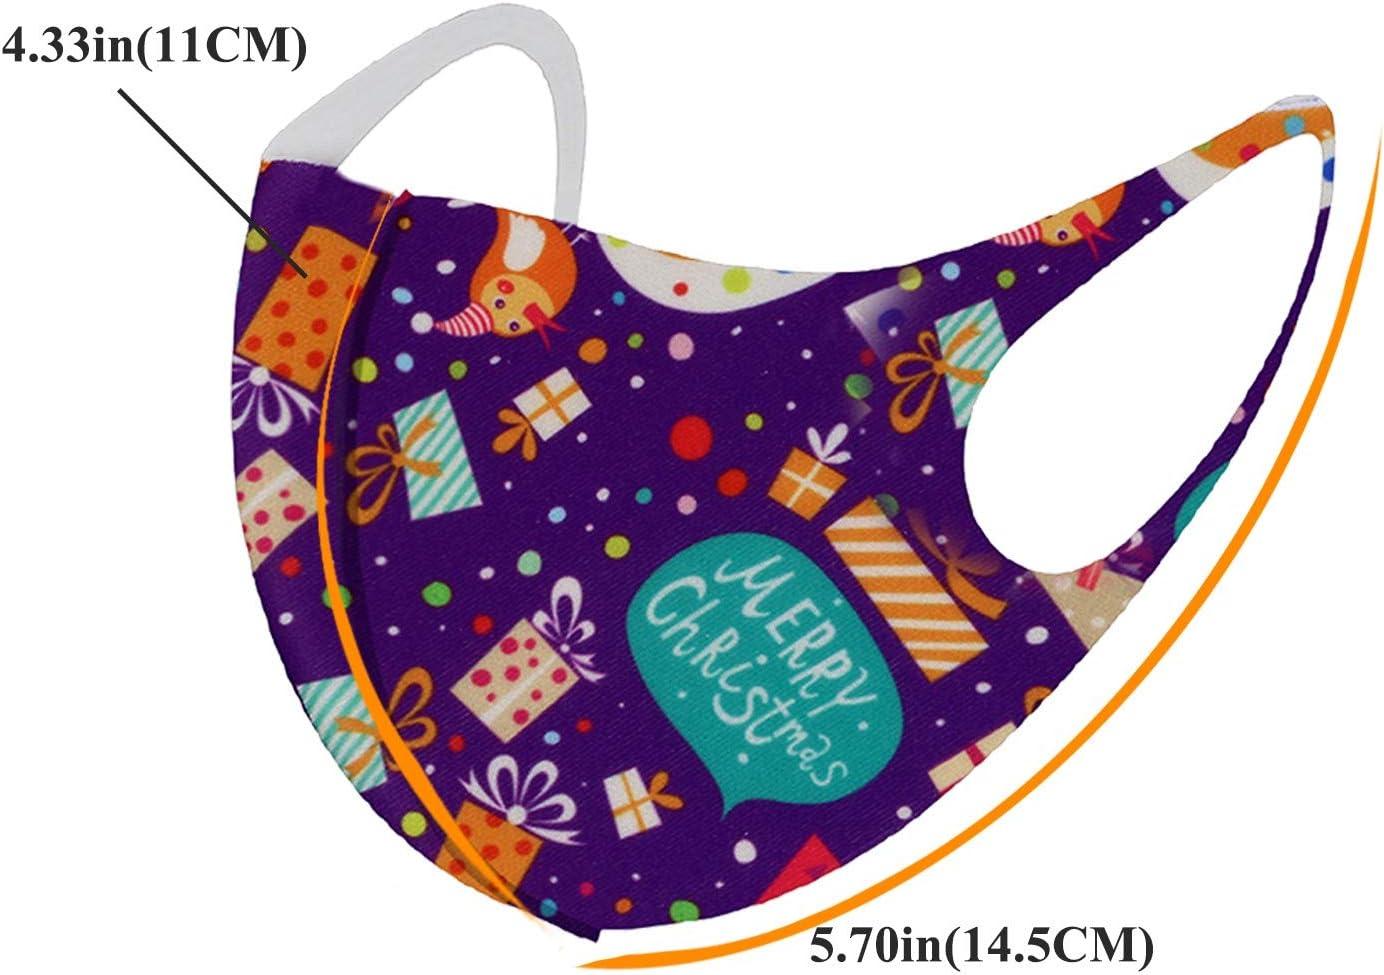 MGET Basic Children Pack 2PC MASCARILLAS Infantiles FACIALES DE Tela Lavable Reutilizable M/áscaras Reutilizables de la mascarilla de la impresi/ón de la Moda Lavable 2PC de Halloween del ni/ño